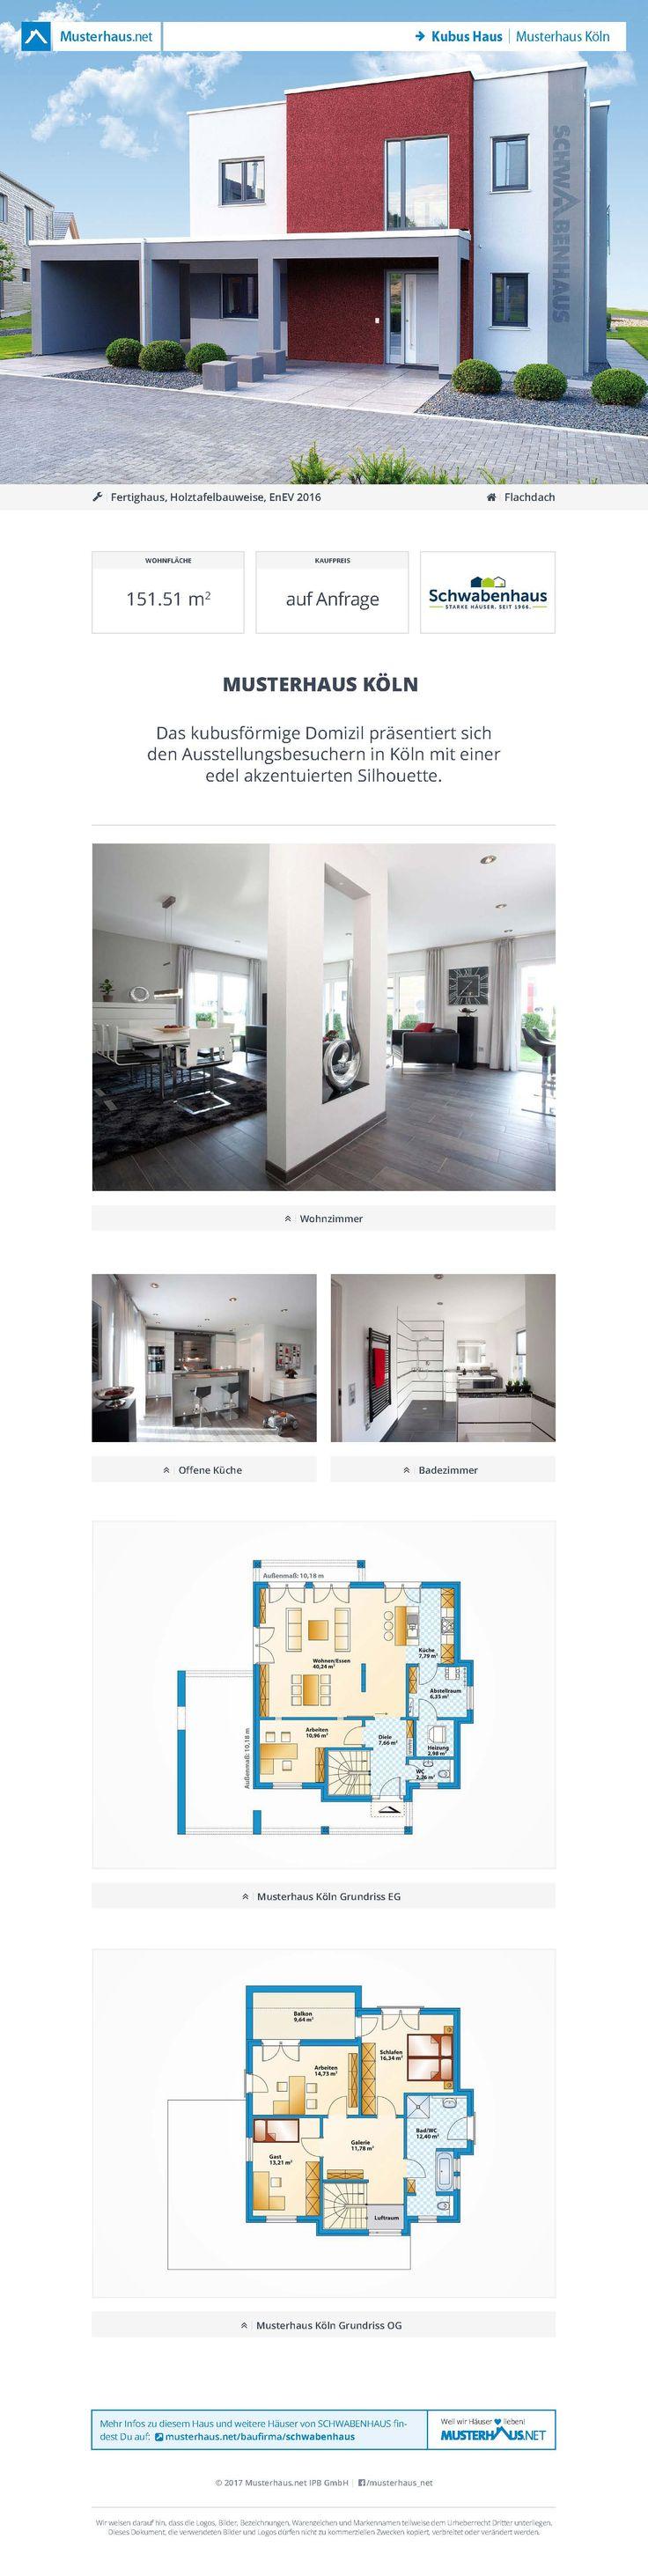 #Kubus Haus · Musterhaus Köln · SCHWABENHAUS · Jetzt bei #Musterhaus.net Unterlagen anfordern!